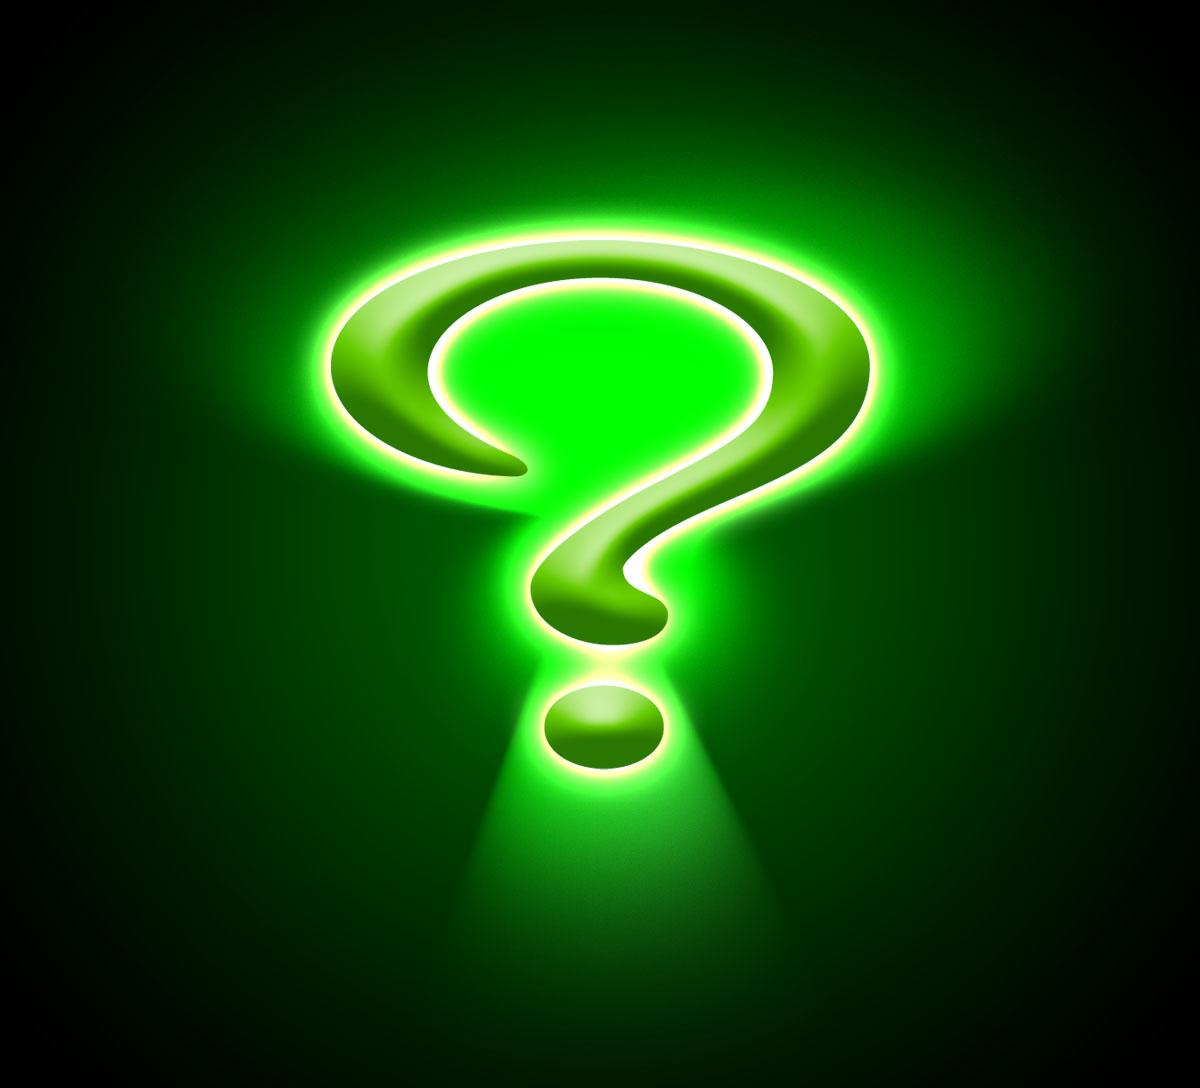 Riddler Question Mark Wallpaper hd Wallpapers Riddler Question 1200x1088